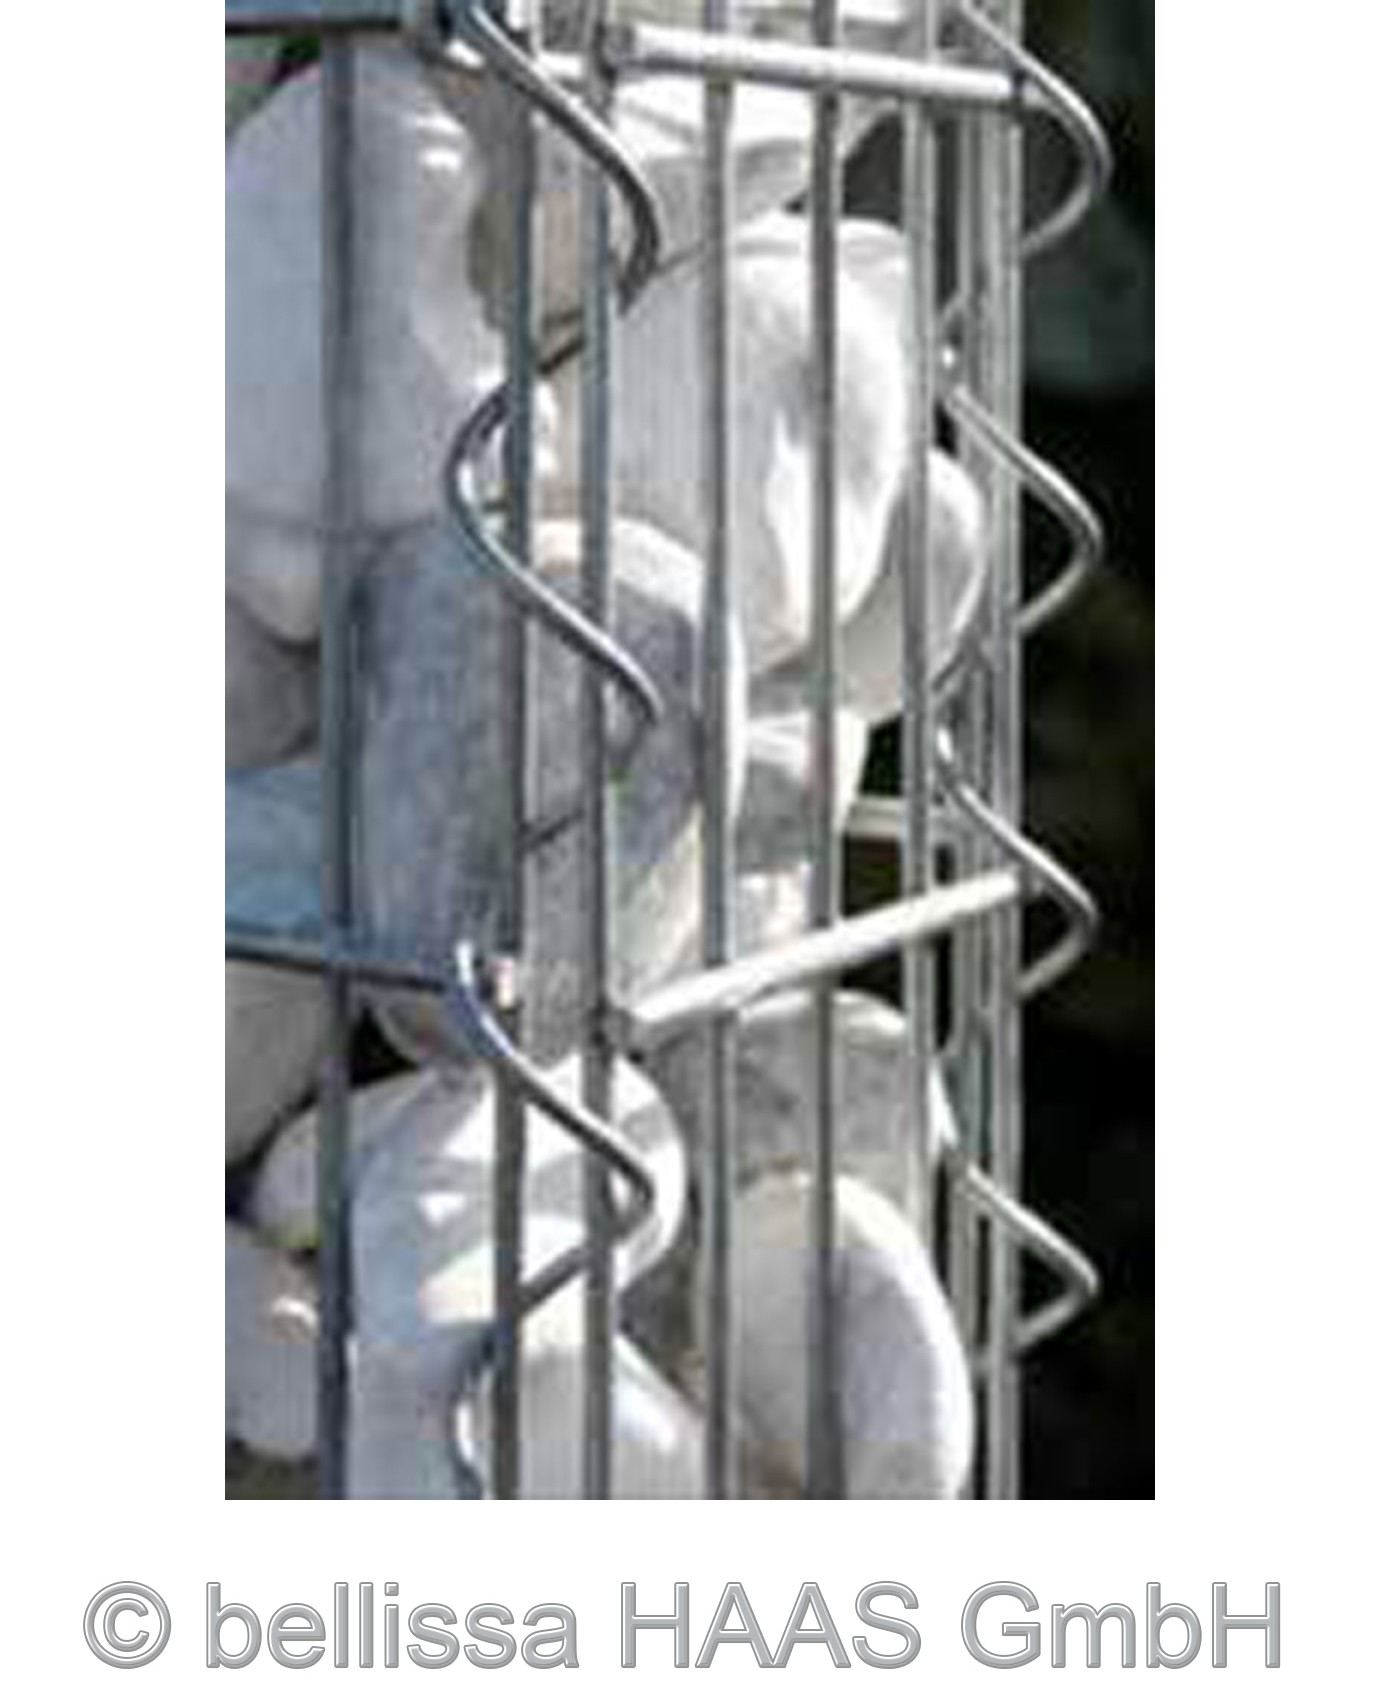 Verbindungsspirale für Schallschutz Gabionen bellissa 50/60cm Bild 1